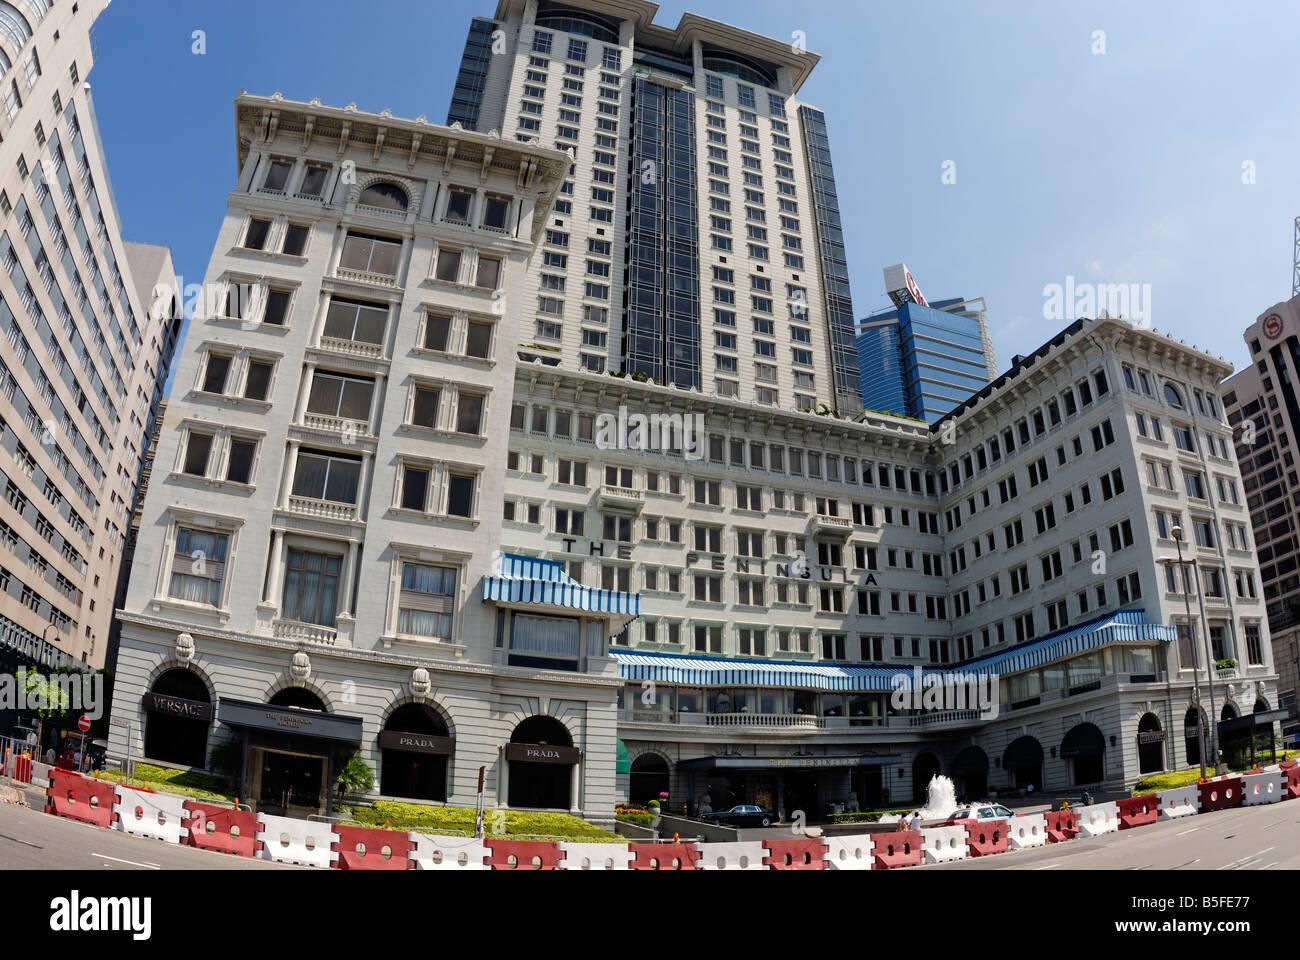 Peninsula Hotel, Kowloon, Tsim Tsa Tsui,Hong Kong - Stock Image